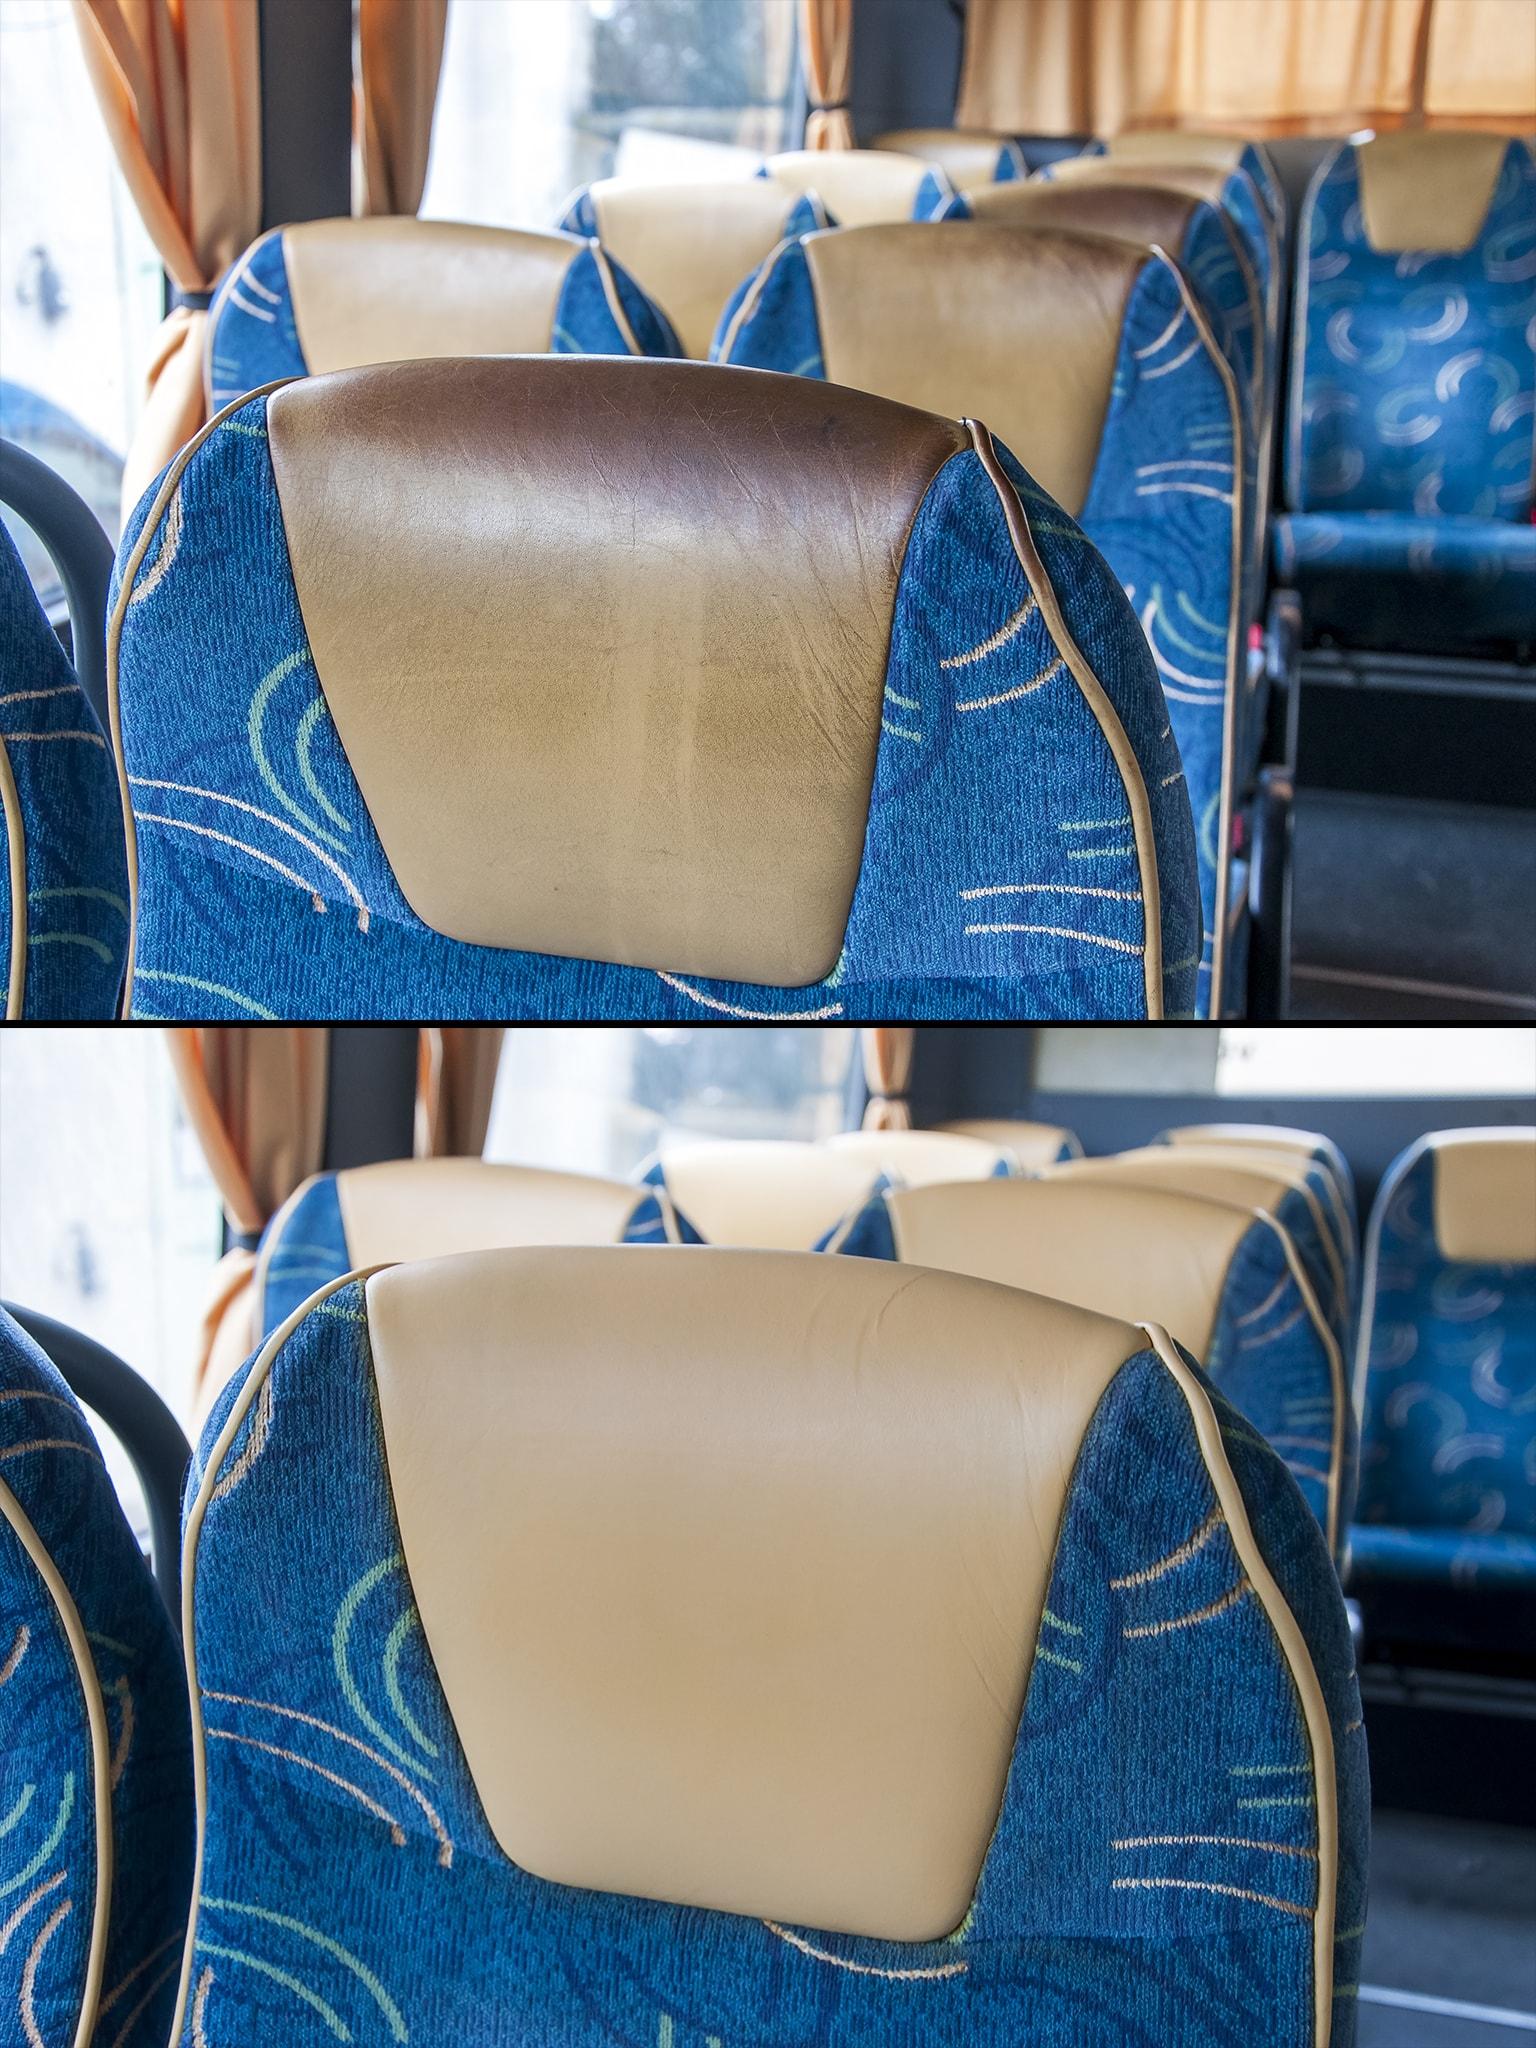 detail opravy kožené sedačky v autobuse